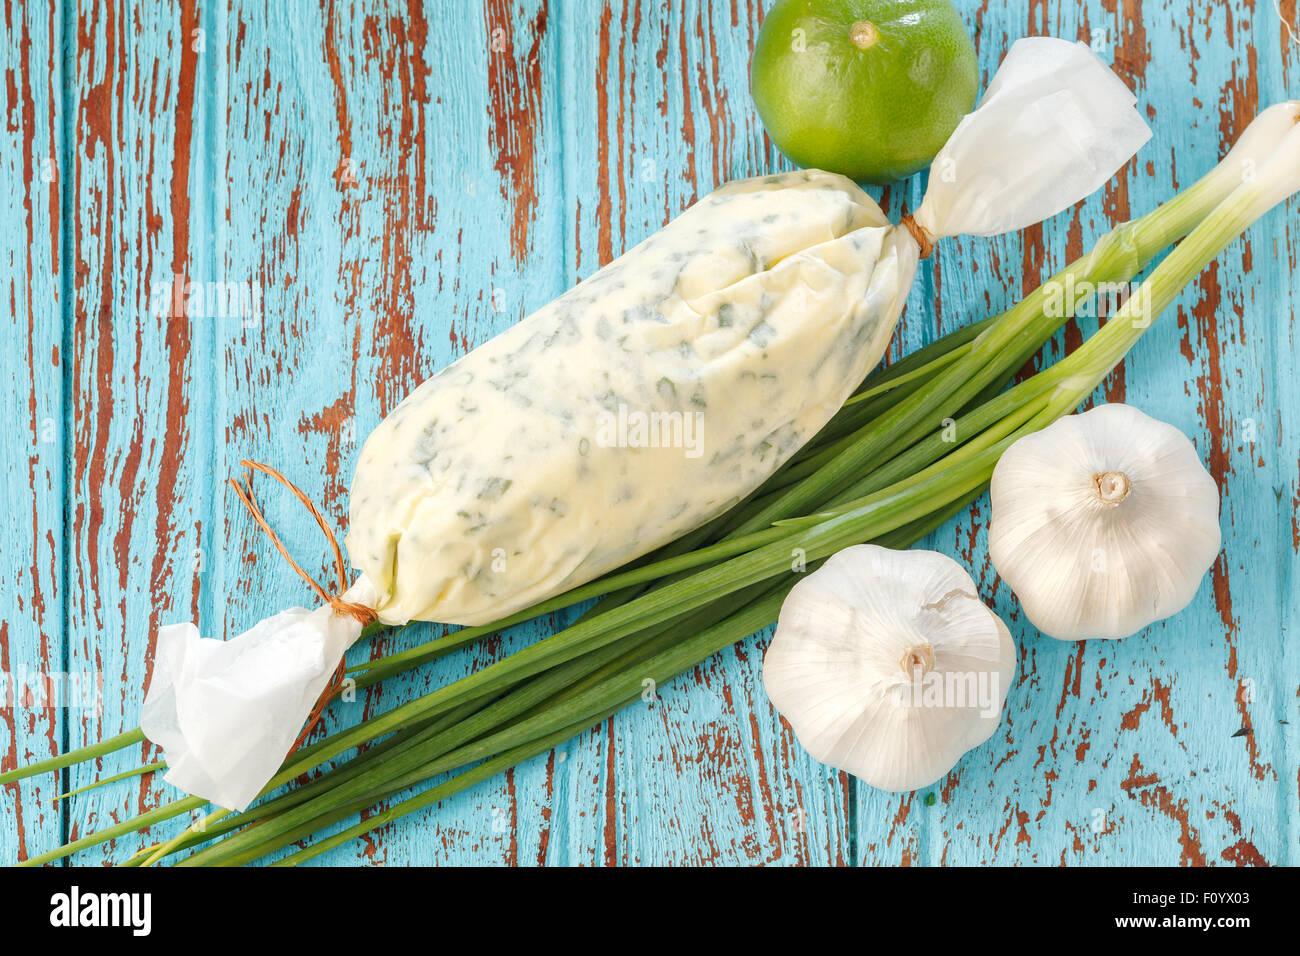 Il composto di burro alle erbe ingredienti aglio coriandolo fresco di limone cipolla verde casalingo italiano cibo Immagini Stock